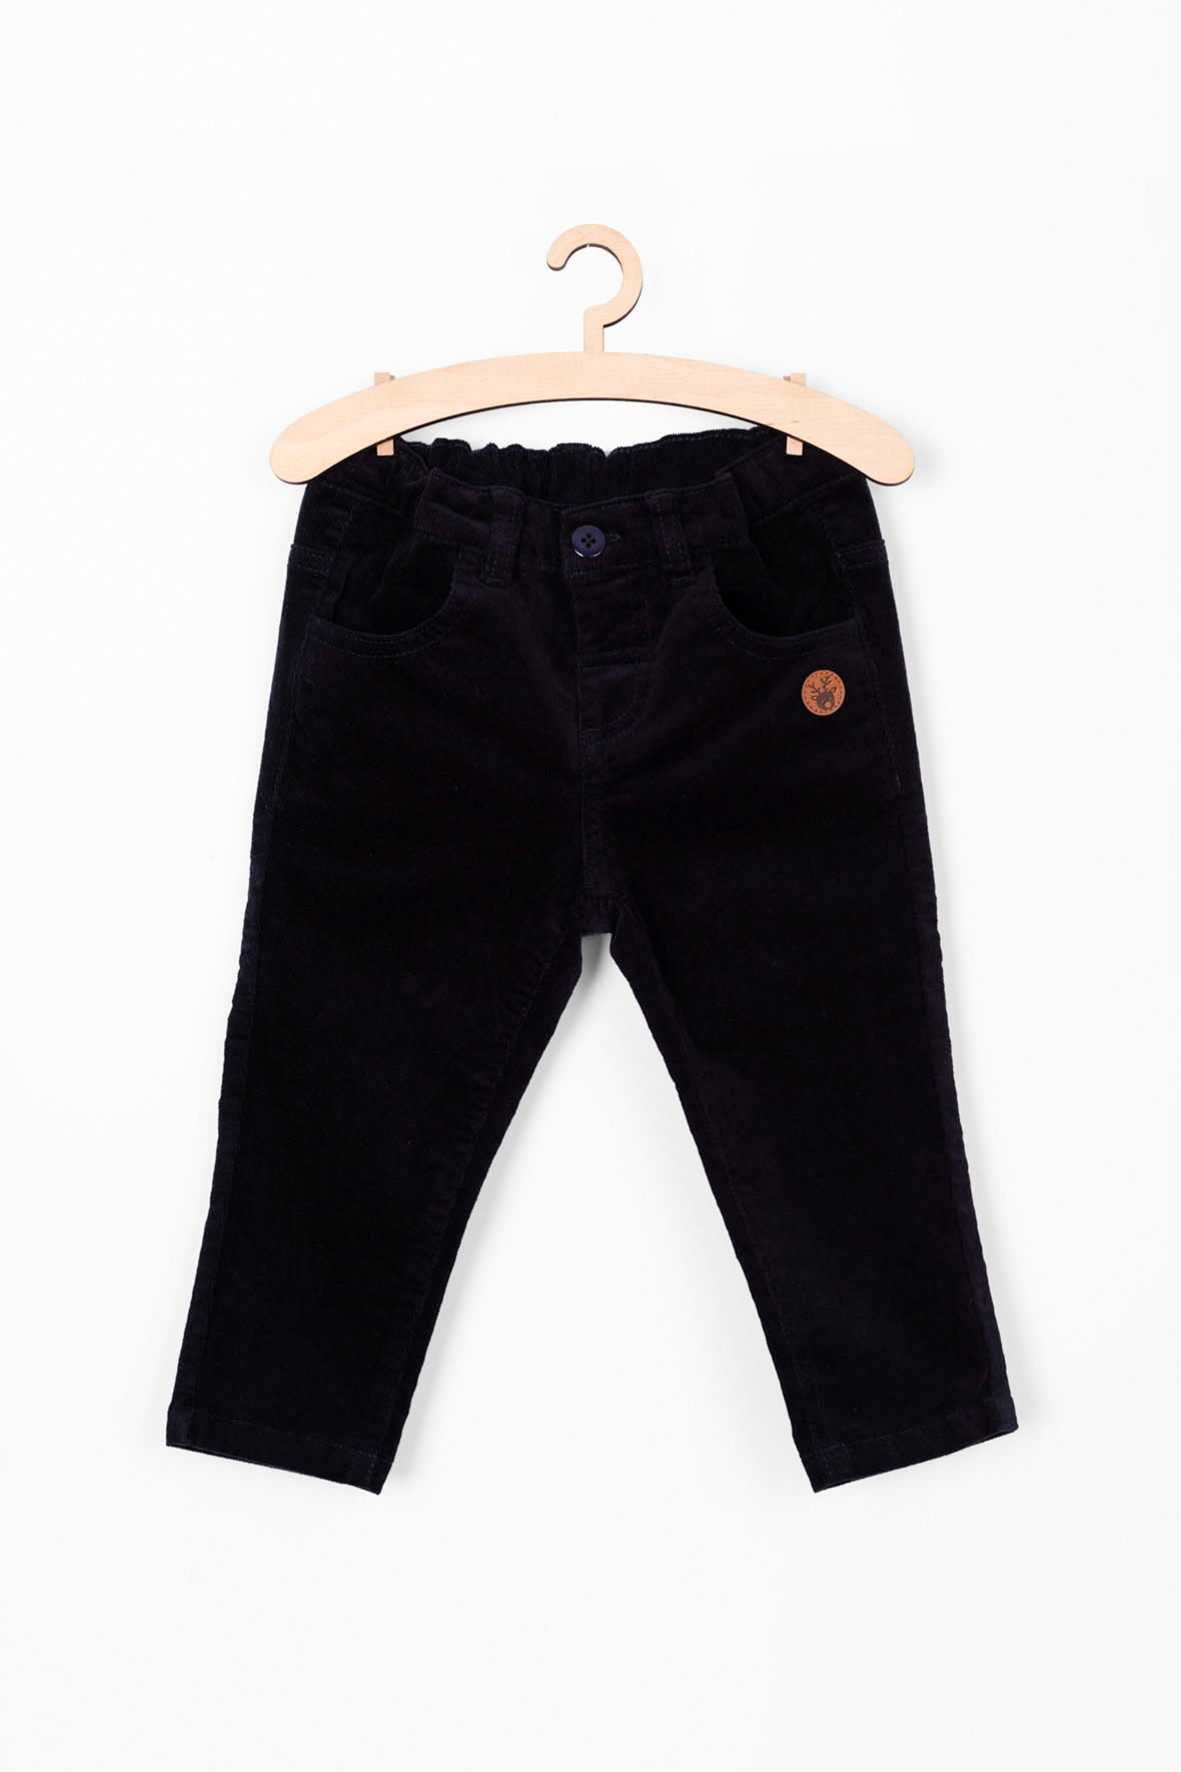 Miękkie i wygodne sztruksowe spodnie dla niemowlaka- granatowe